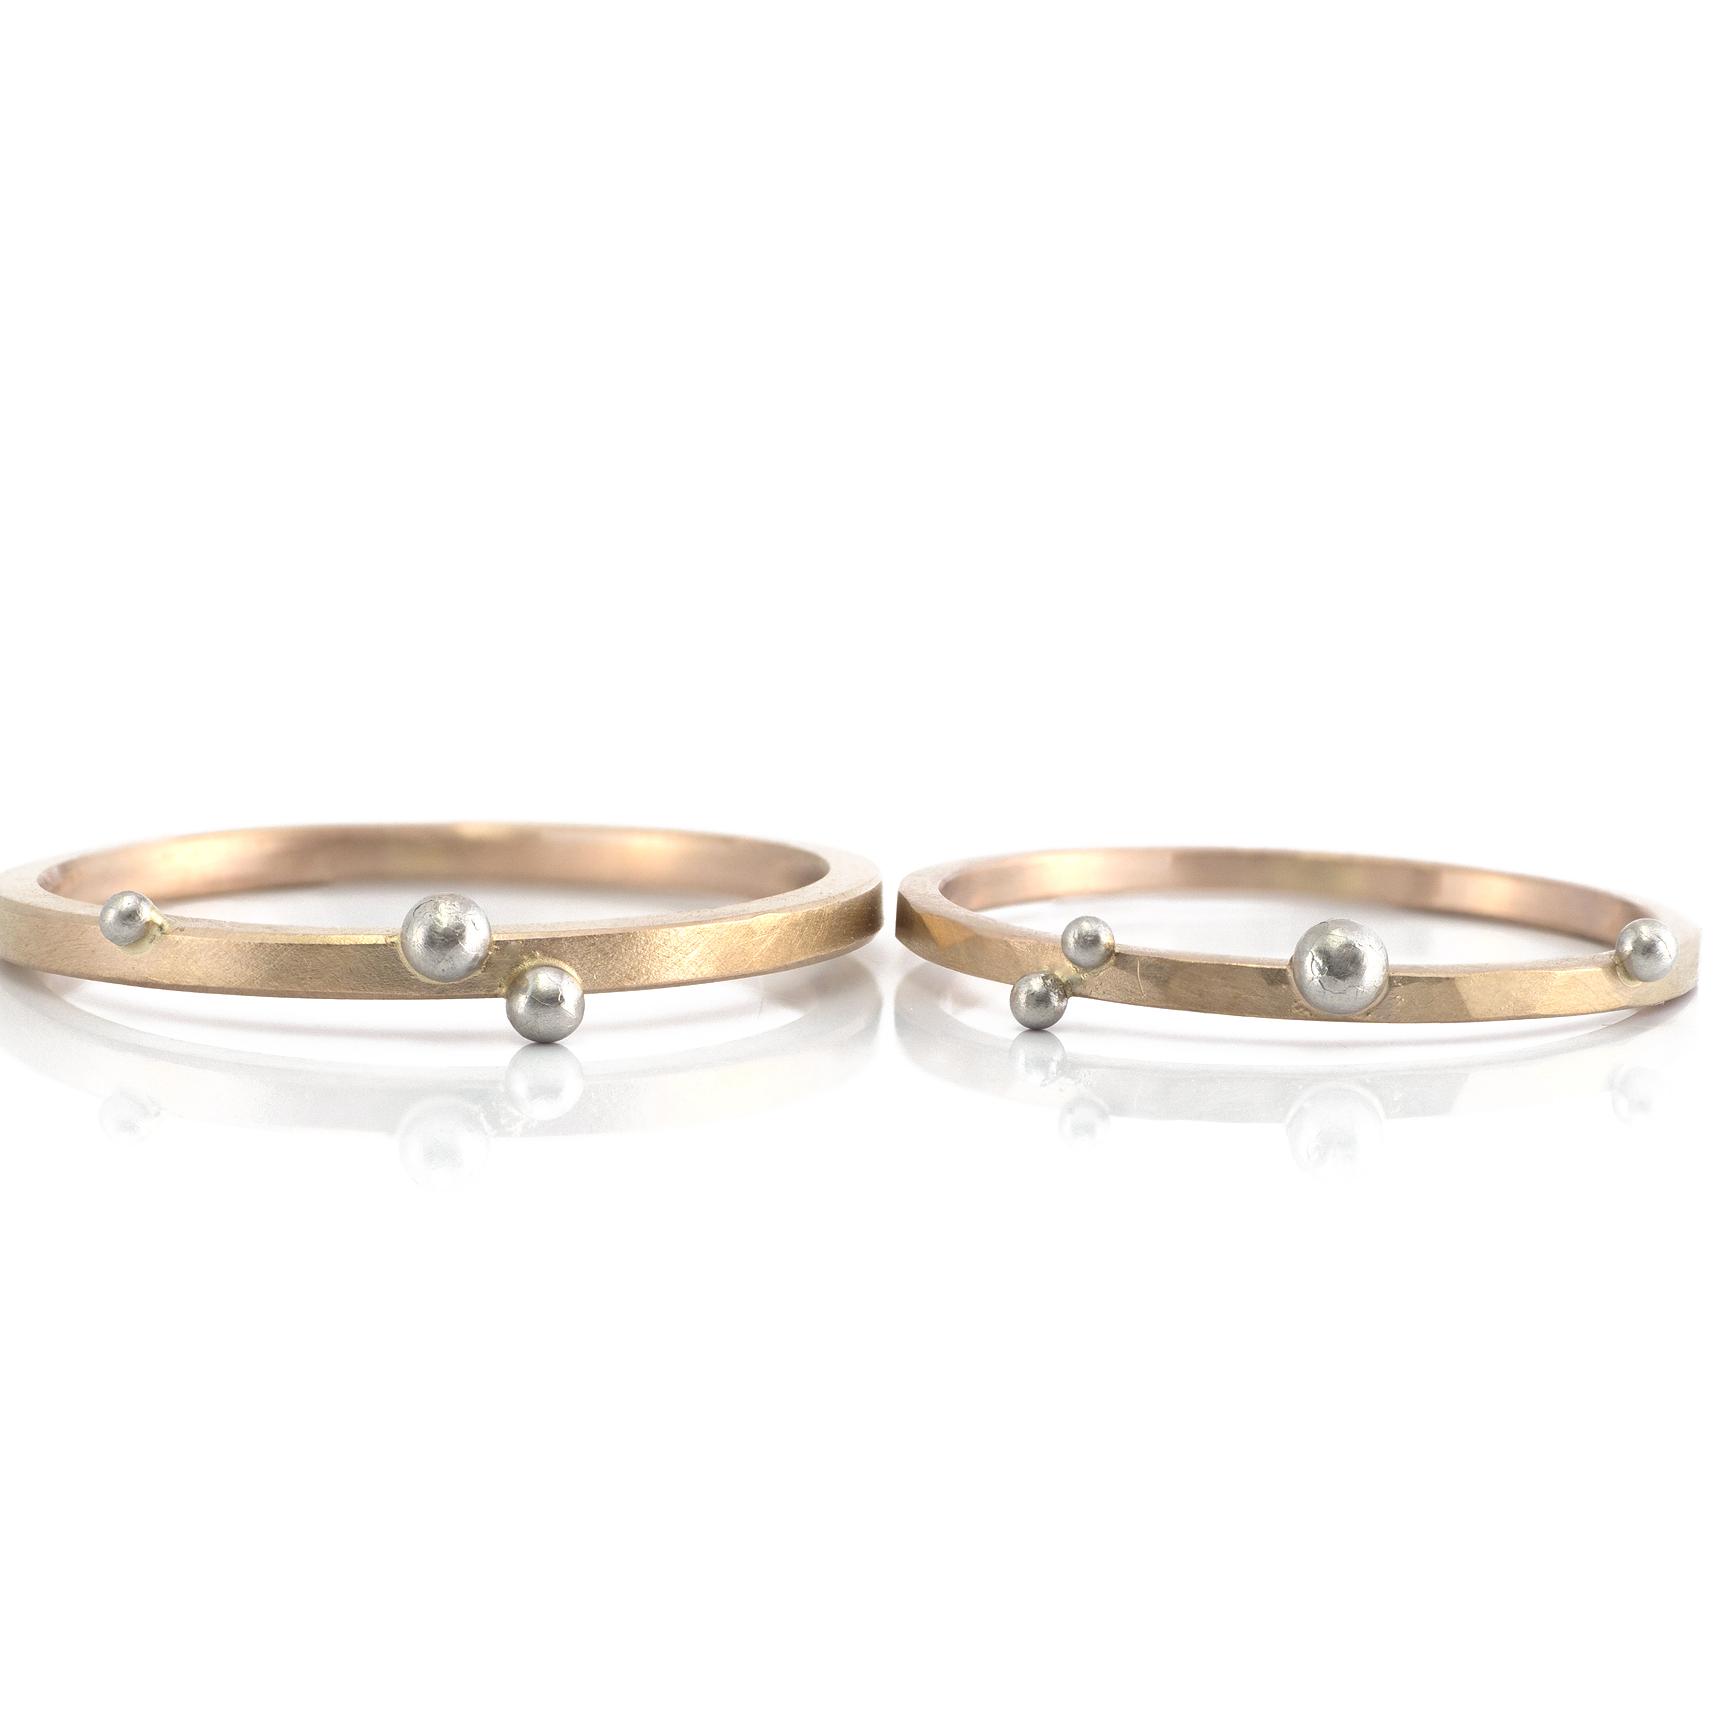 しずくの指輪 18k pink gold×platinum900 #屋久島でつくる結婚指輪